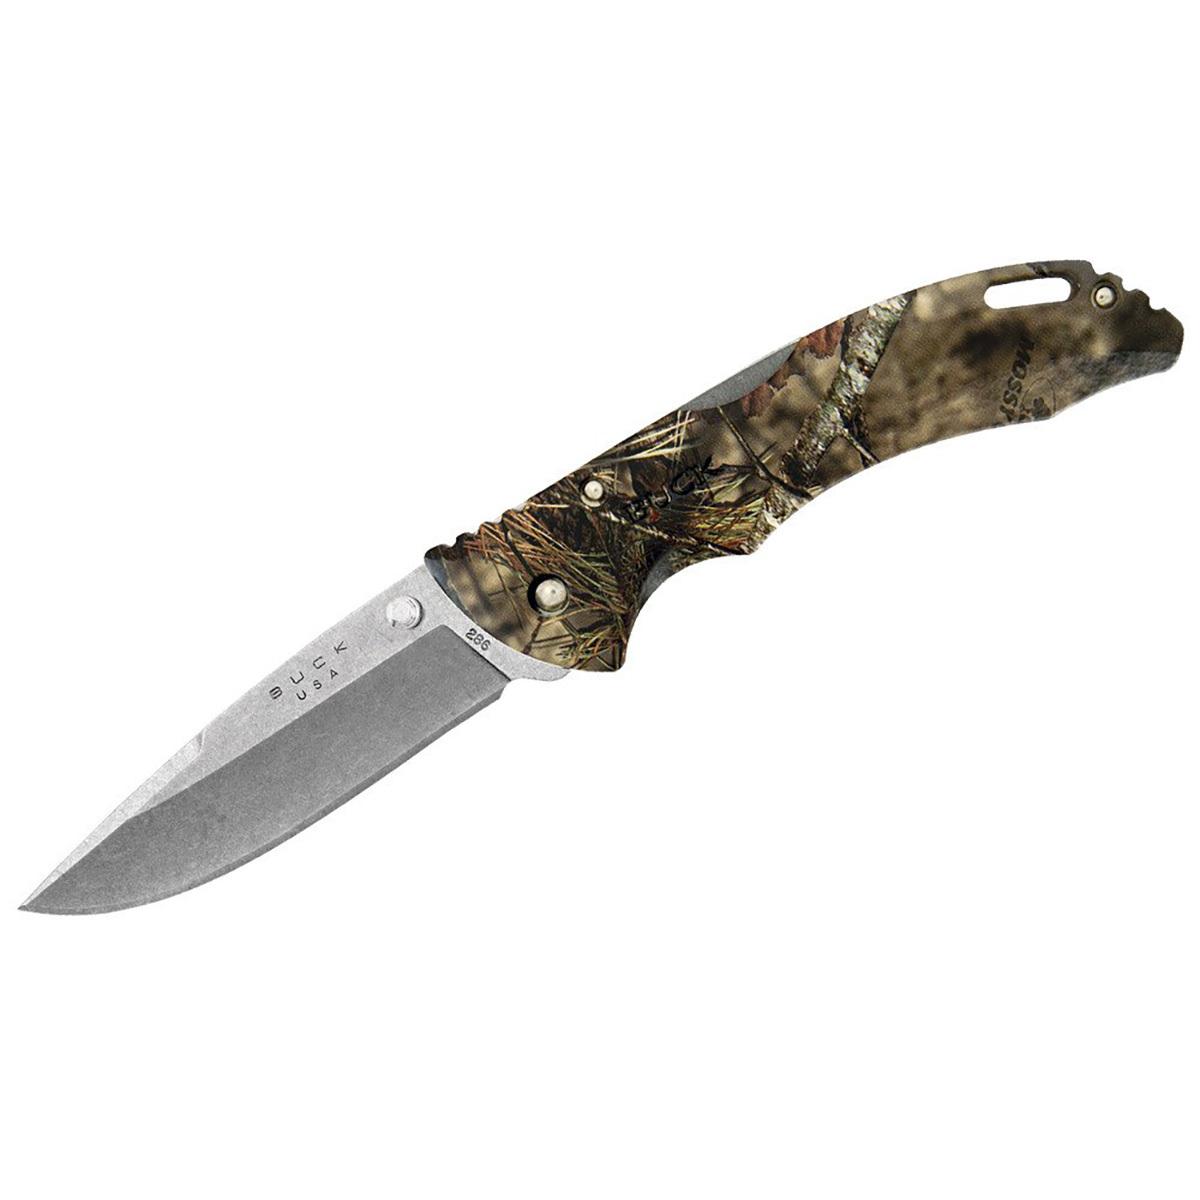 Складной нож Buck Bantam Mossy Oak Camo, сталь 420НС, рукоять  нейлон